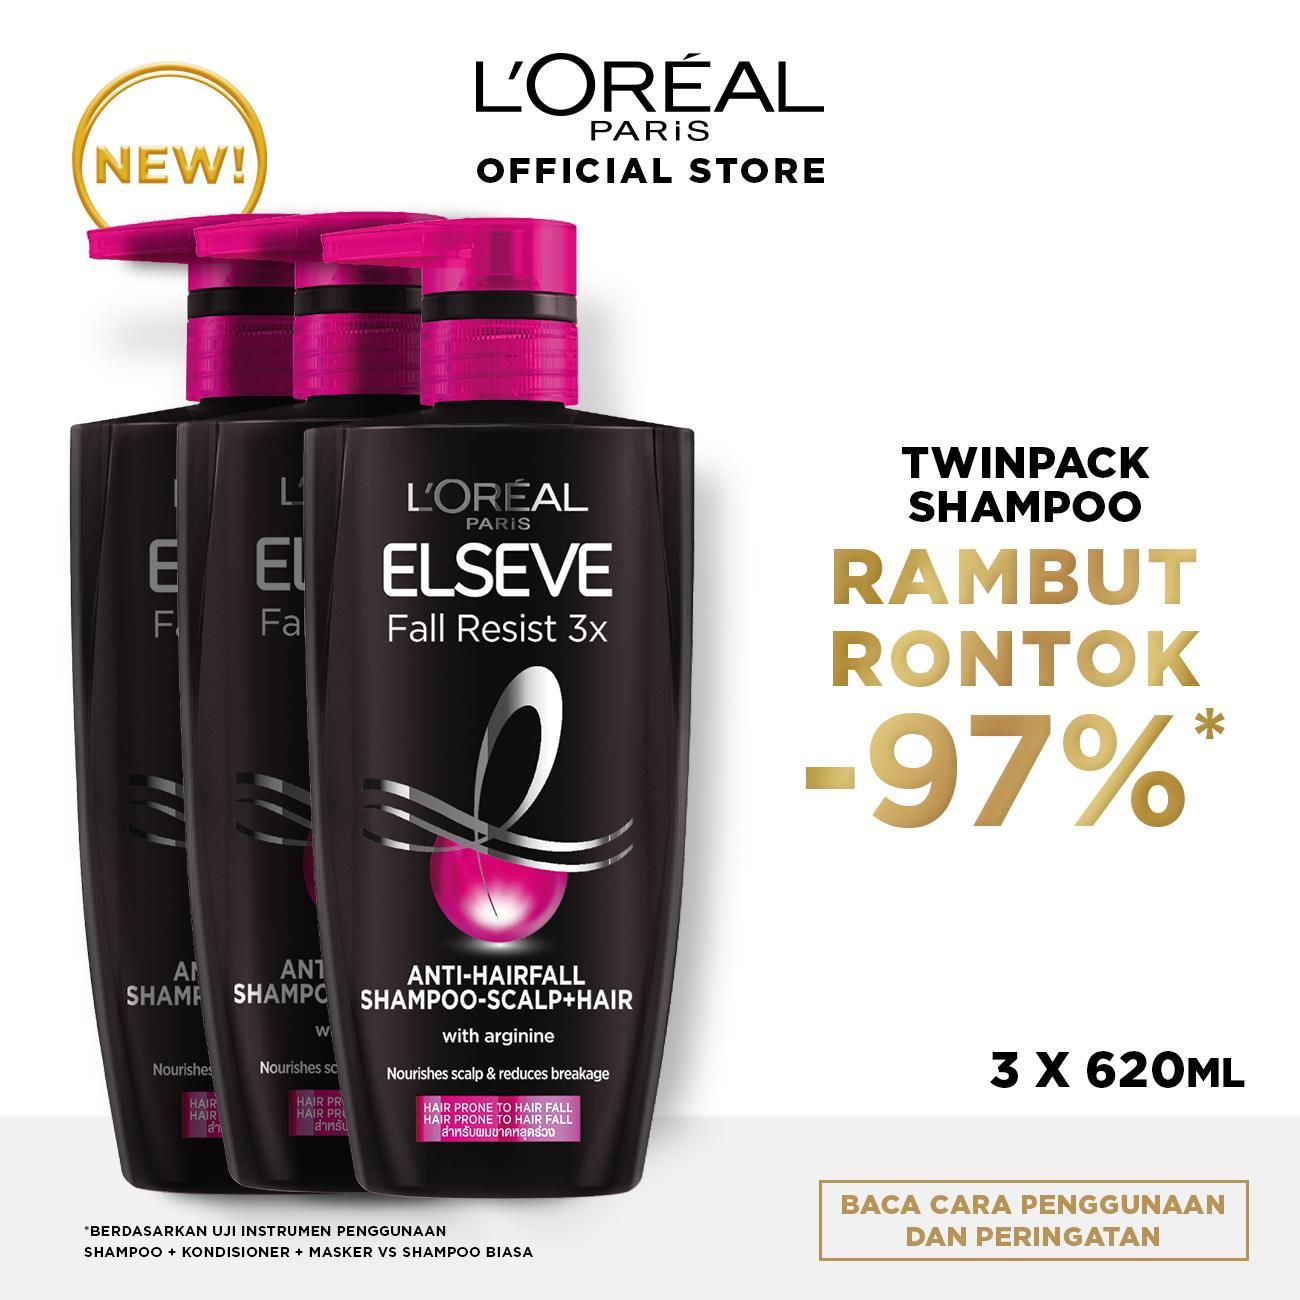 L'Oreal Paris Fall Resist 3x Shampoo Hair Care - 620 ml x3 Pcs (Perawatan Untuk Rambut Mudah Rontok)